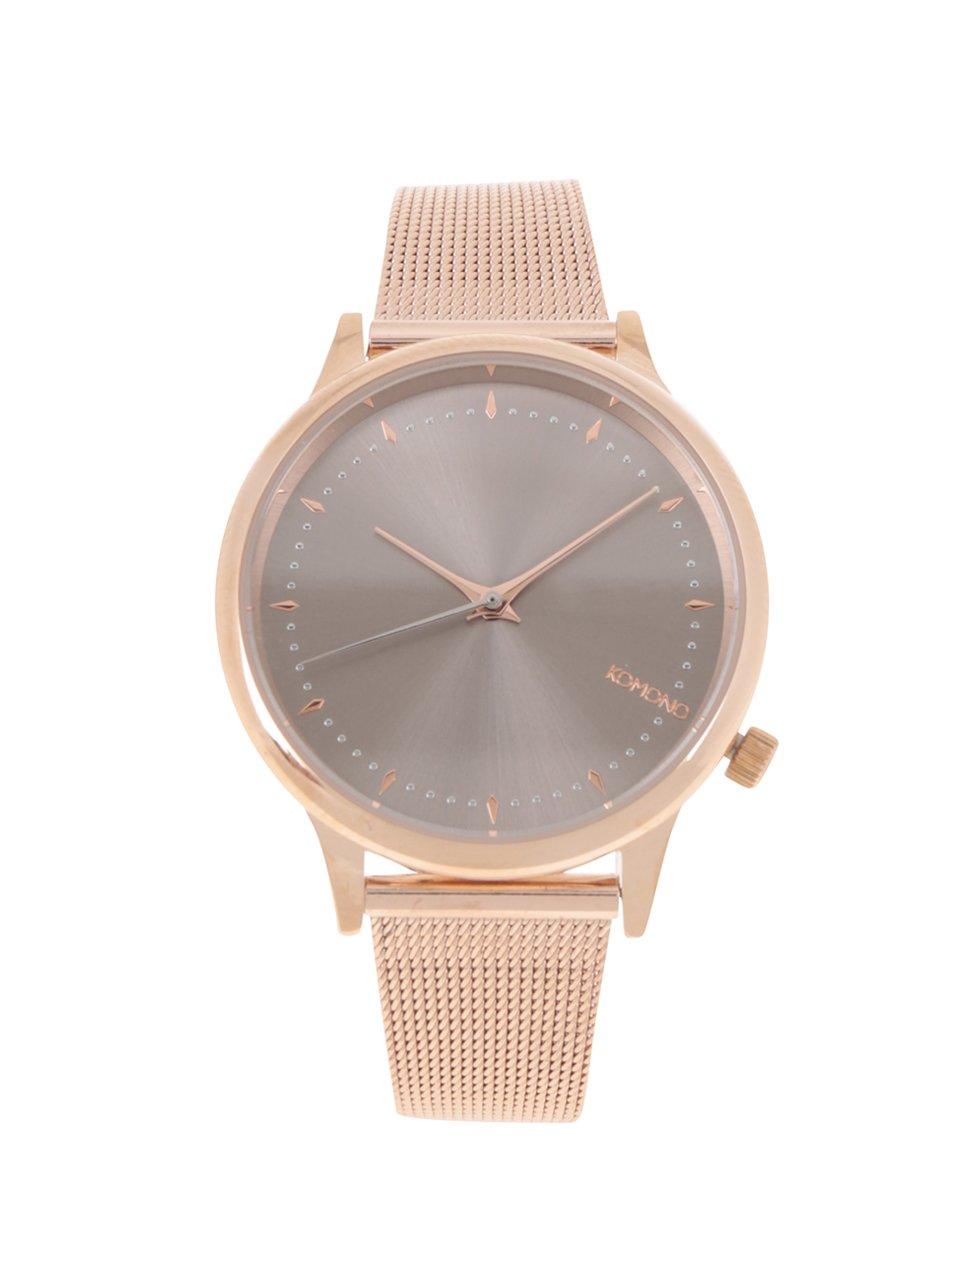 aaf51a98e Dámske hodinky vo farbe ružového zlata, s kovovým opaskom Komono Estelle  Royale